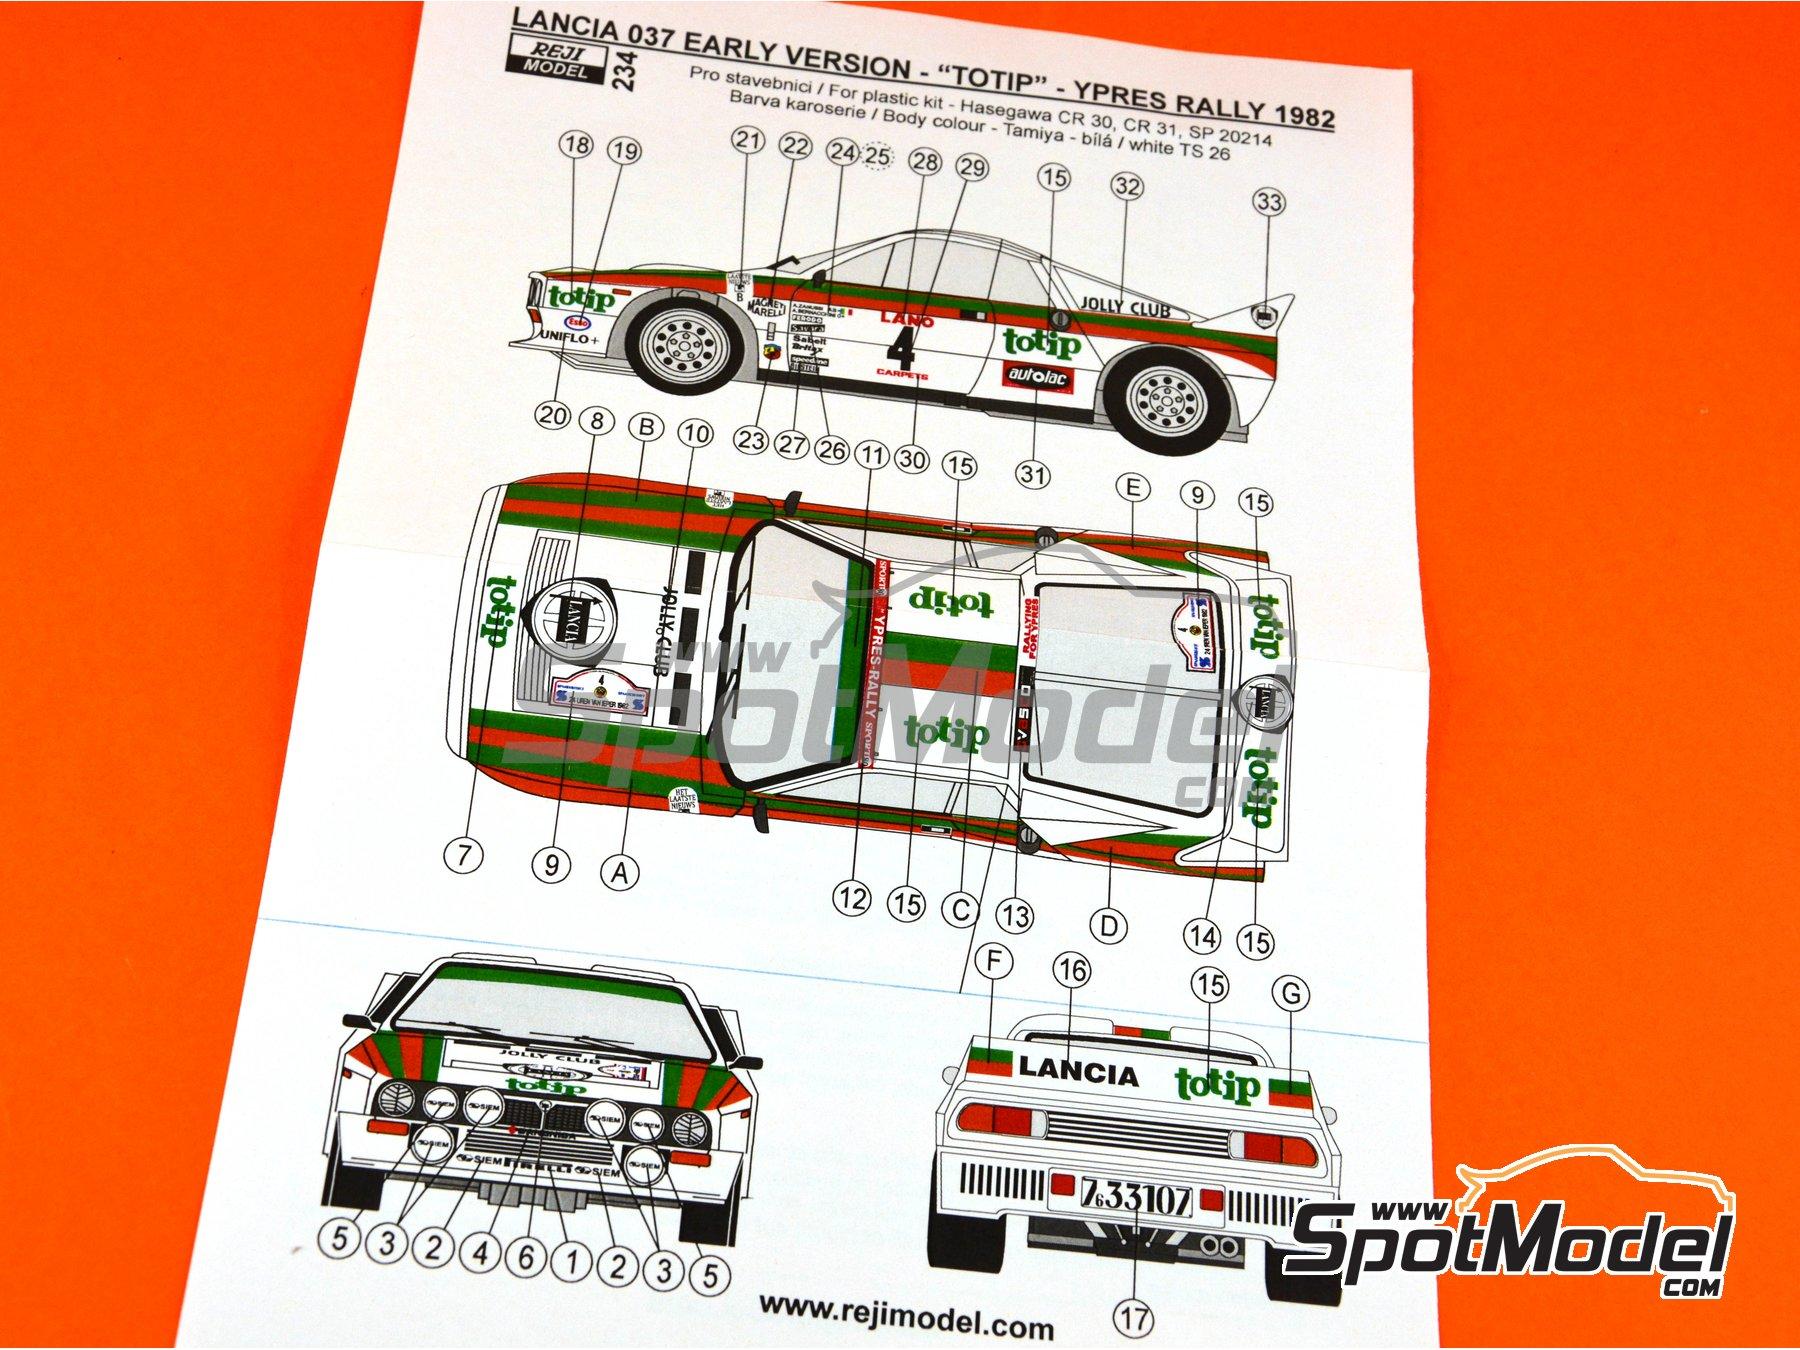 Image 17: Lancia 037 WRC Totip - Rally de Ypres de Belgica 1982   Transkit en escala1/24 fabricado por Reji Model (ref.REJI-234)